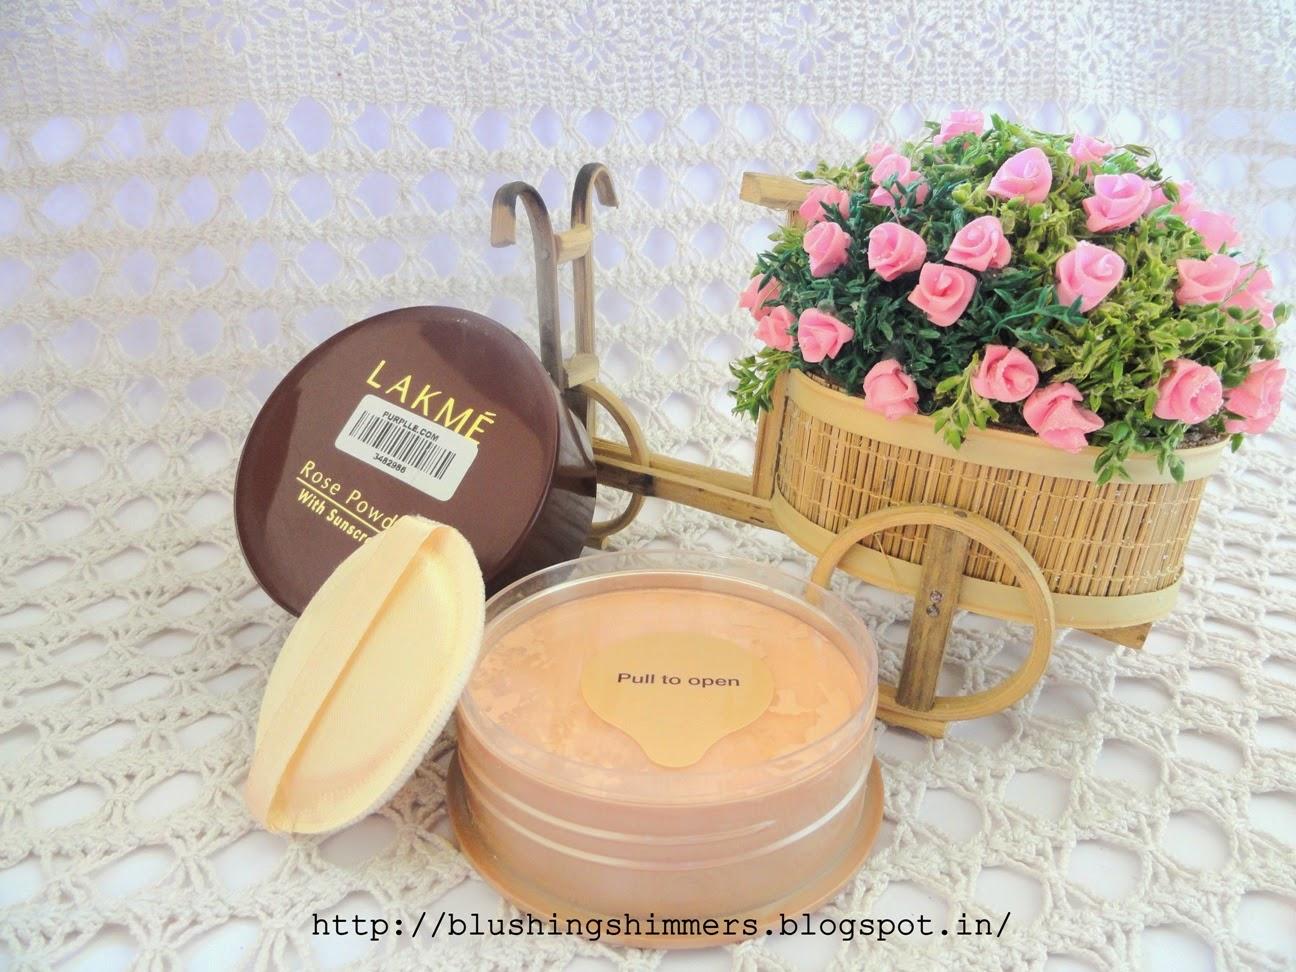 Lakme Rose Powder - Warm Pink